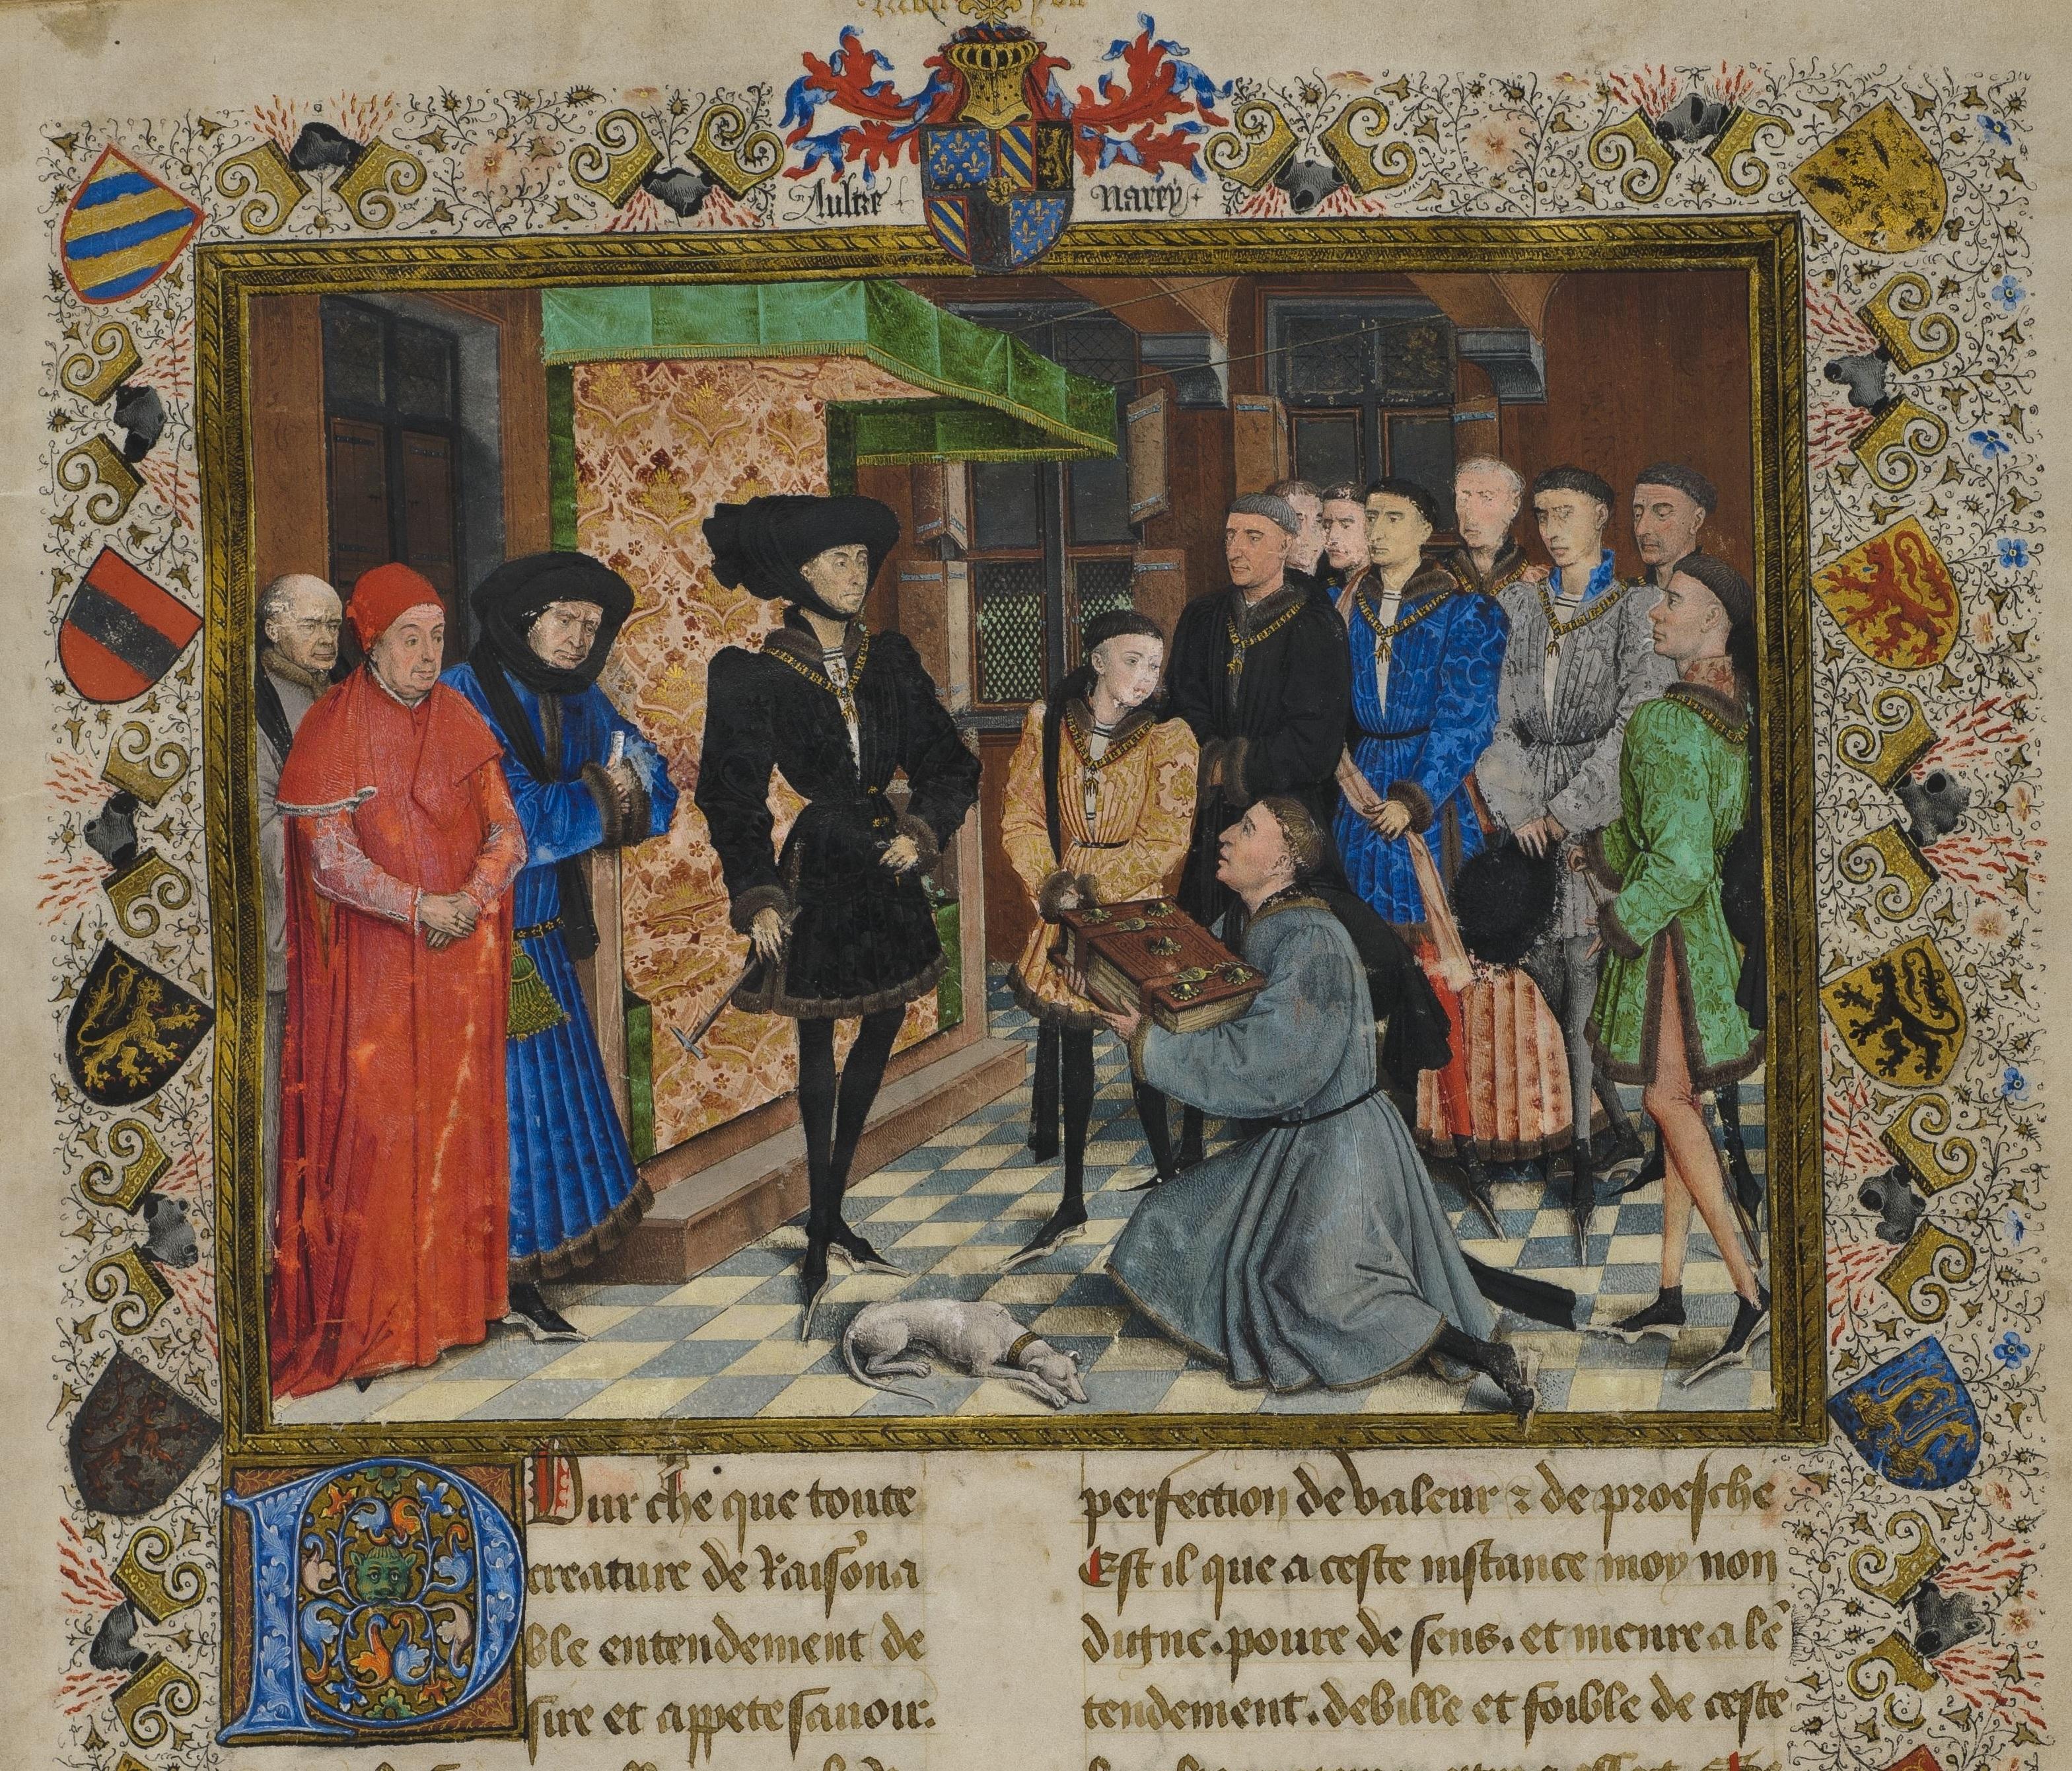 Jacques_de_Guise,_Chroniques_de_Hainaut,_frontispiece,_KBR_9242